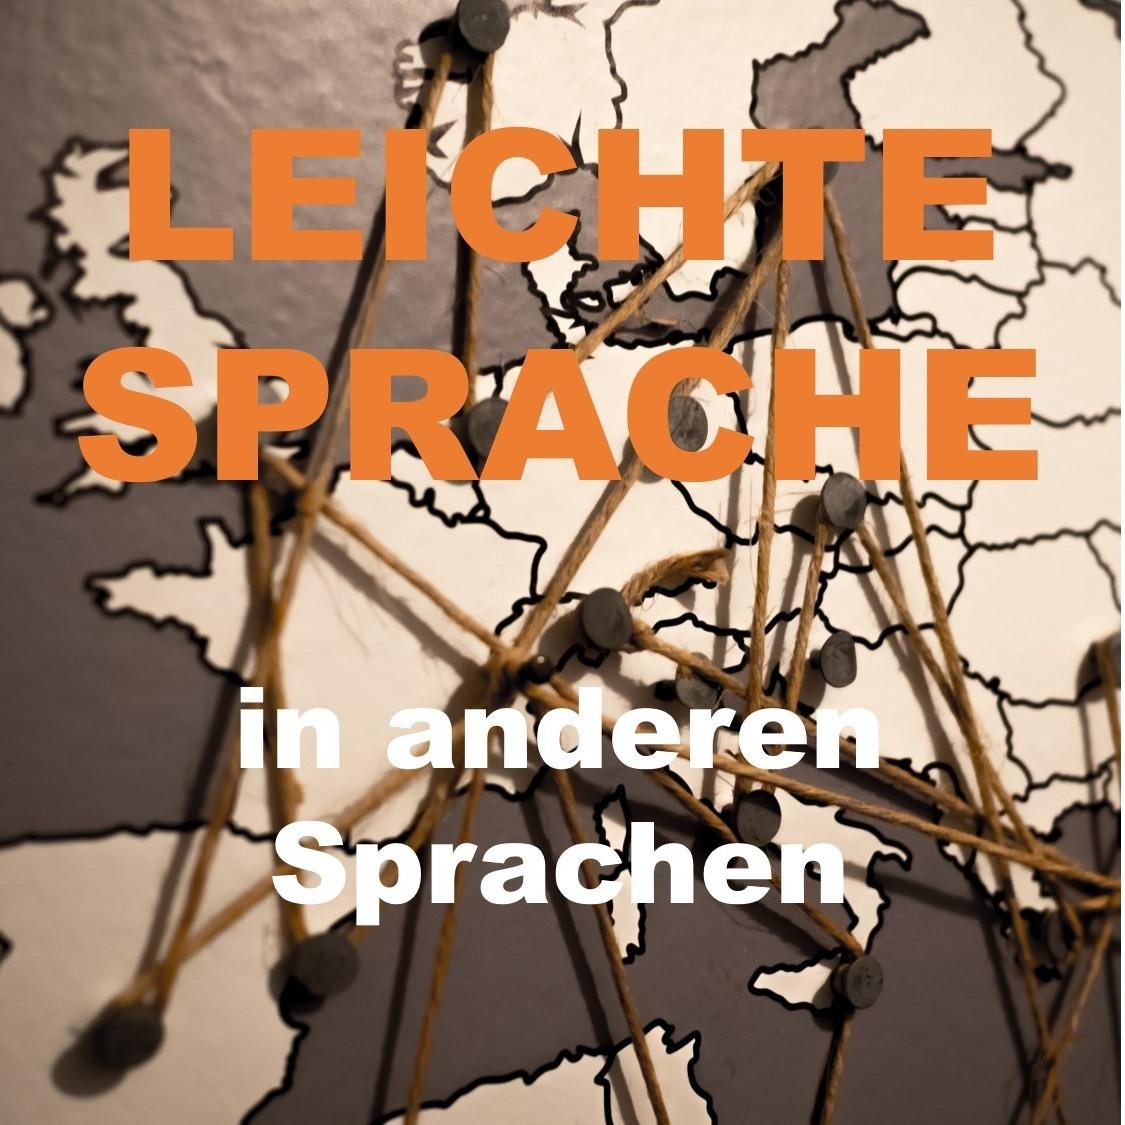 Präsentation Leichte Sprache in anderen Sprachen